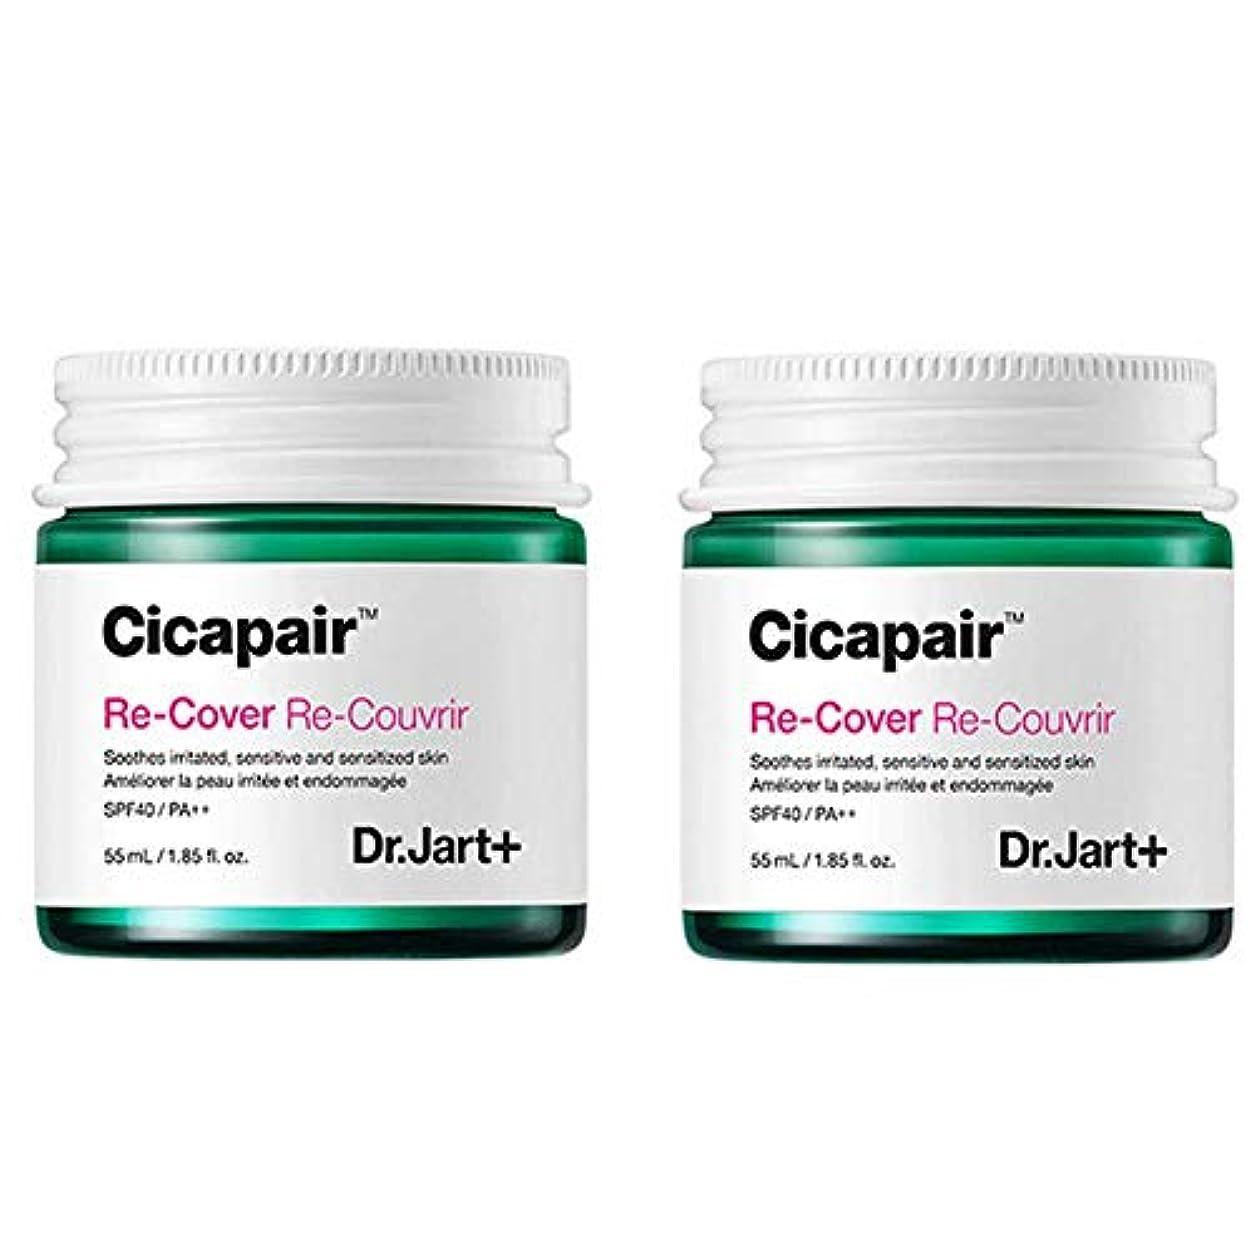 バターフェード狂乱Dr.Jart+ Cicapair ReCover X 2 ドクタージャルトシカペアリカバー X 2 (2代目)皮膚回復 紫外線カット 黄砂ケア [並行輸入品]